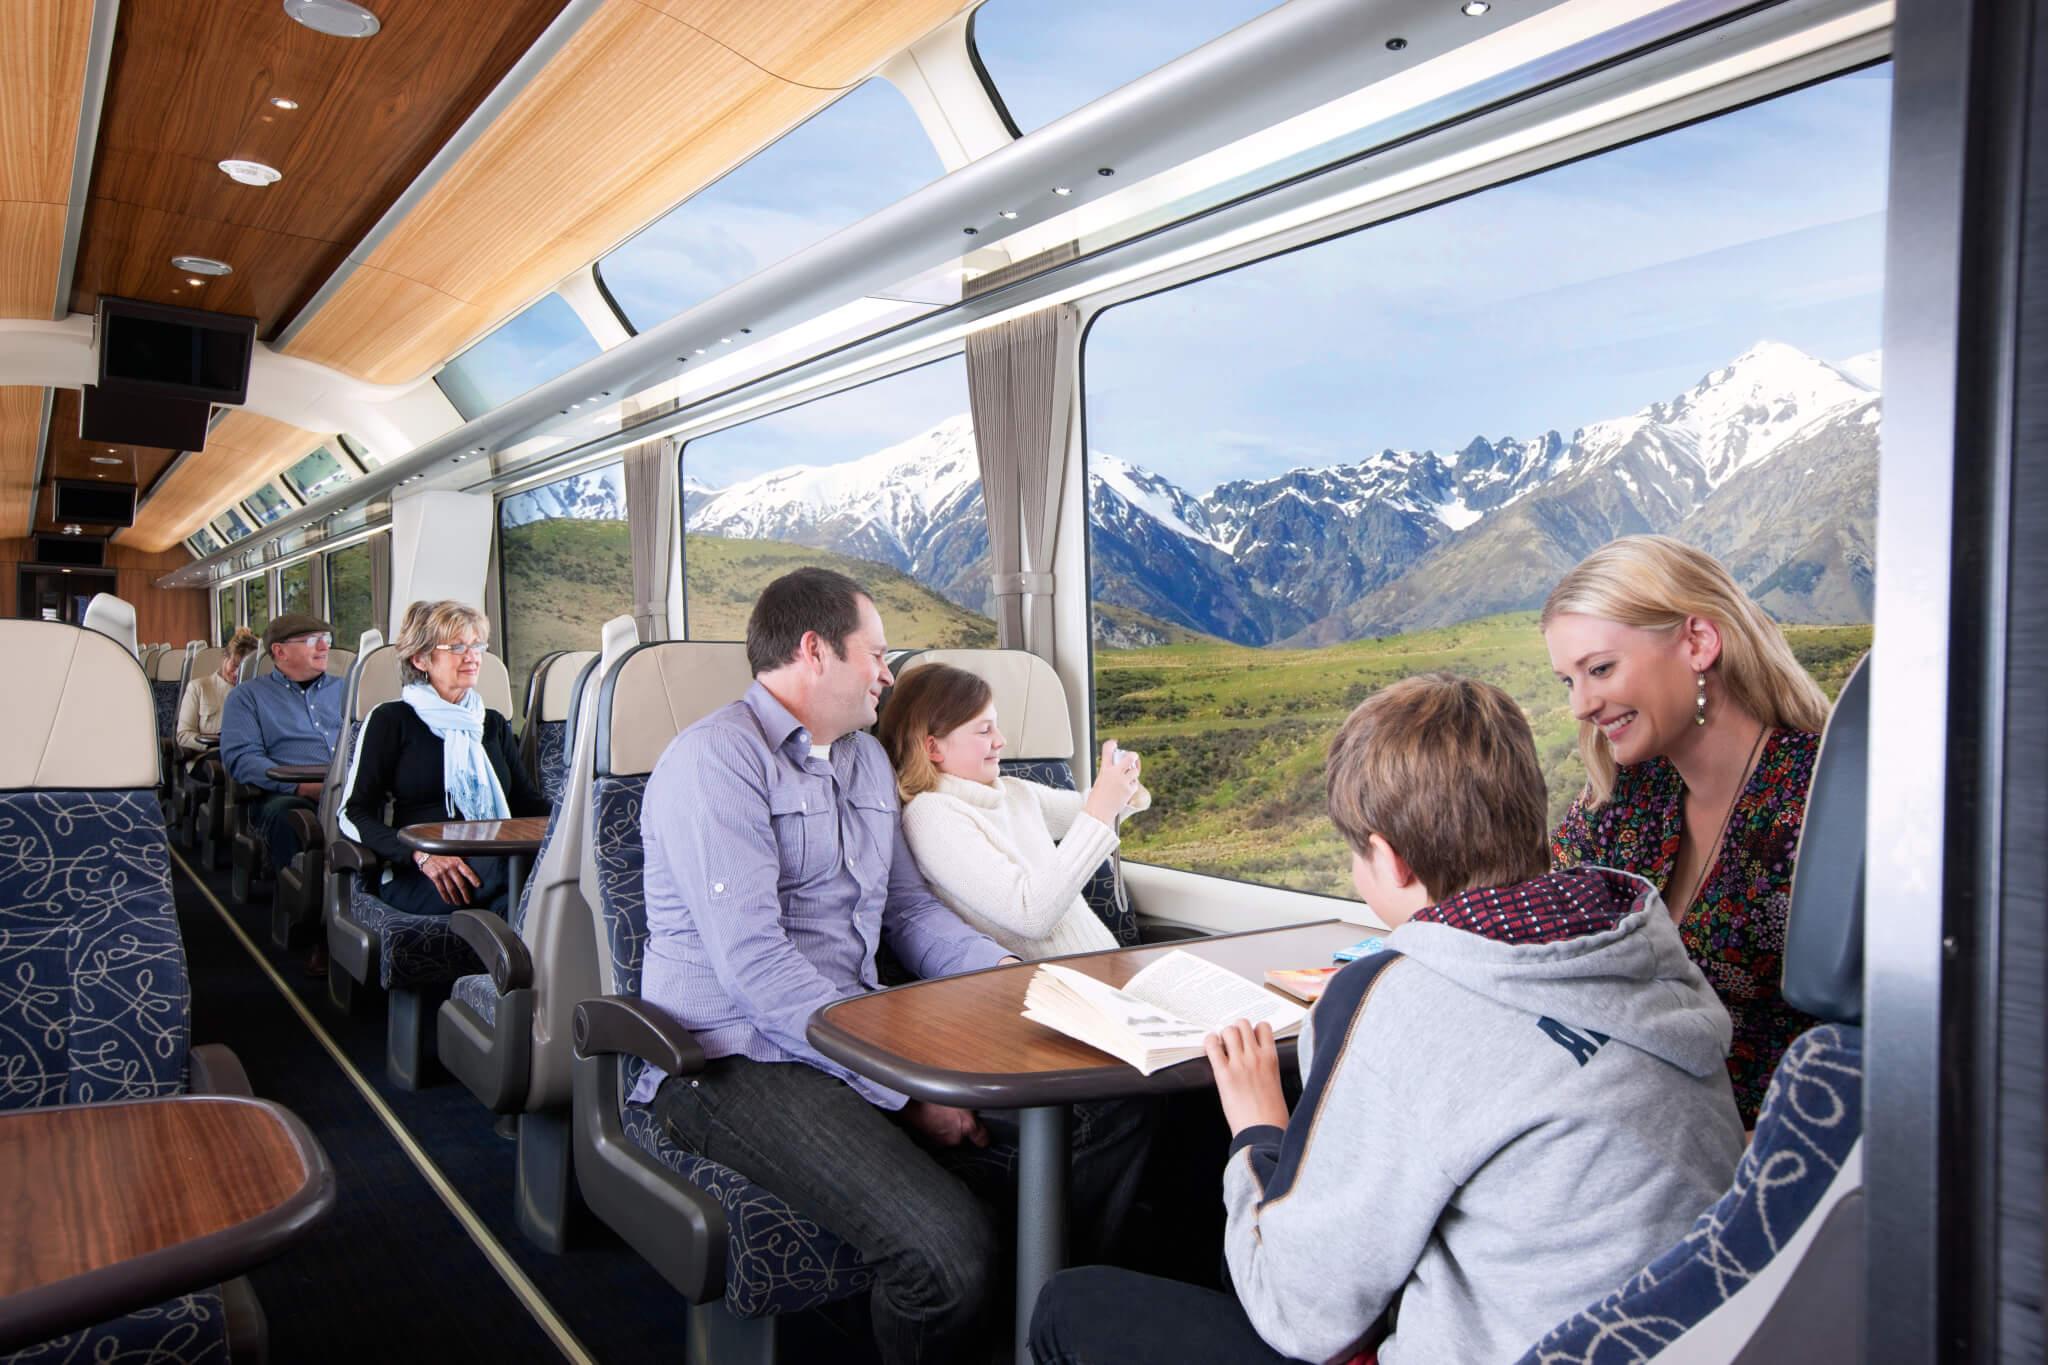 HVAC Units for KiwiRail Passenger Cars